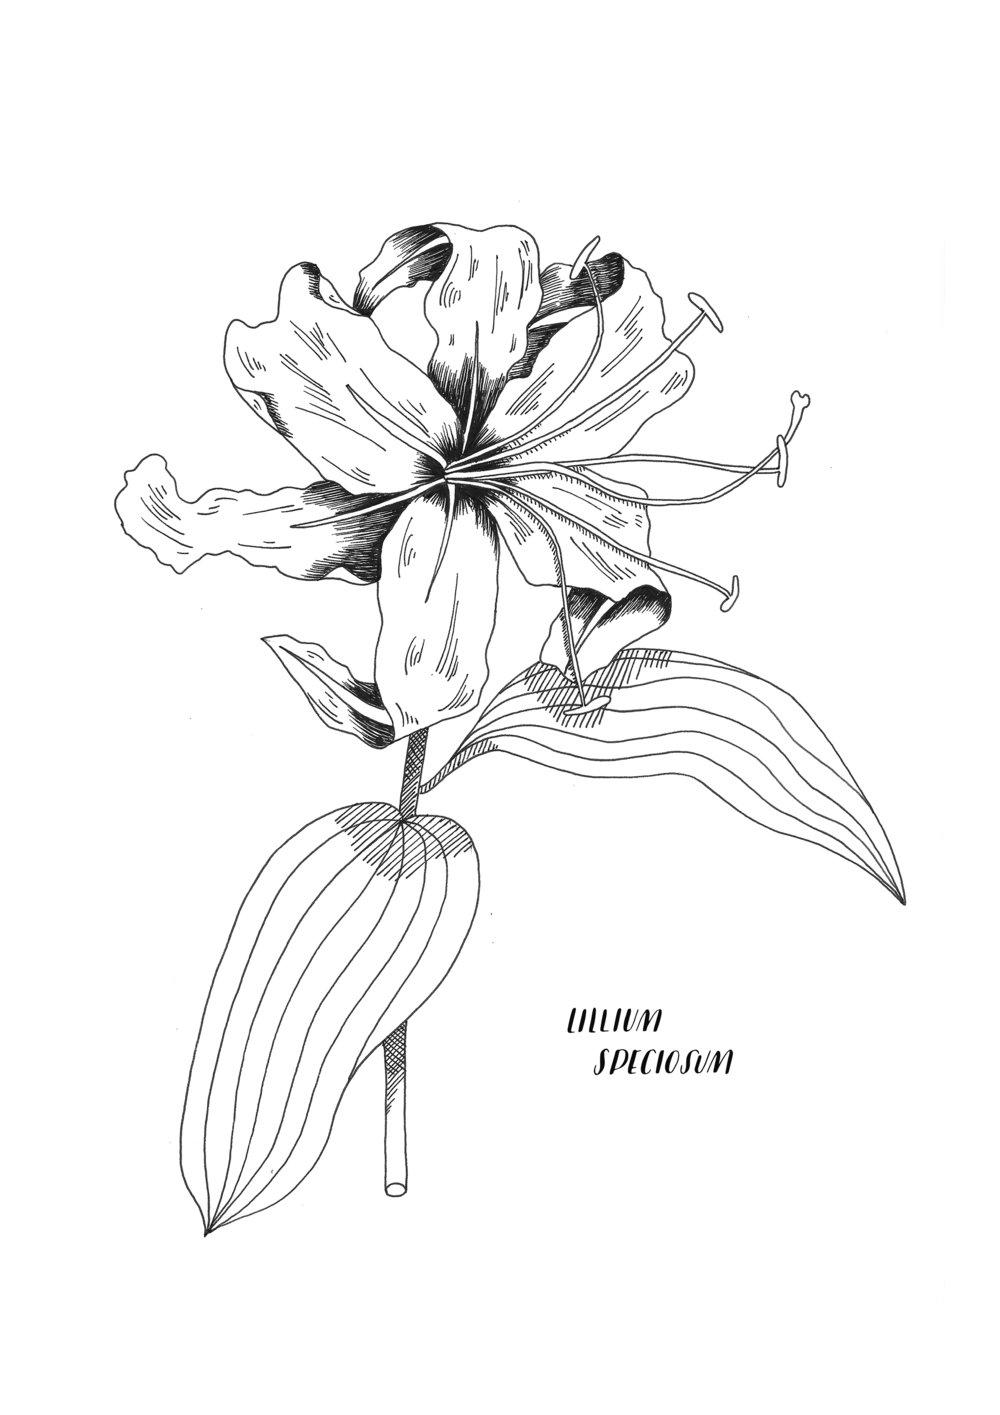 A4 ORIGINAL LilliumSpeciosum.jpg